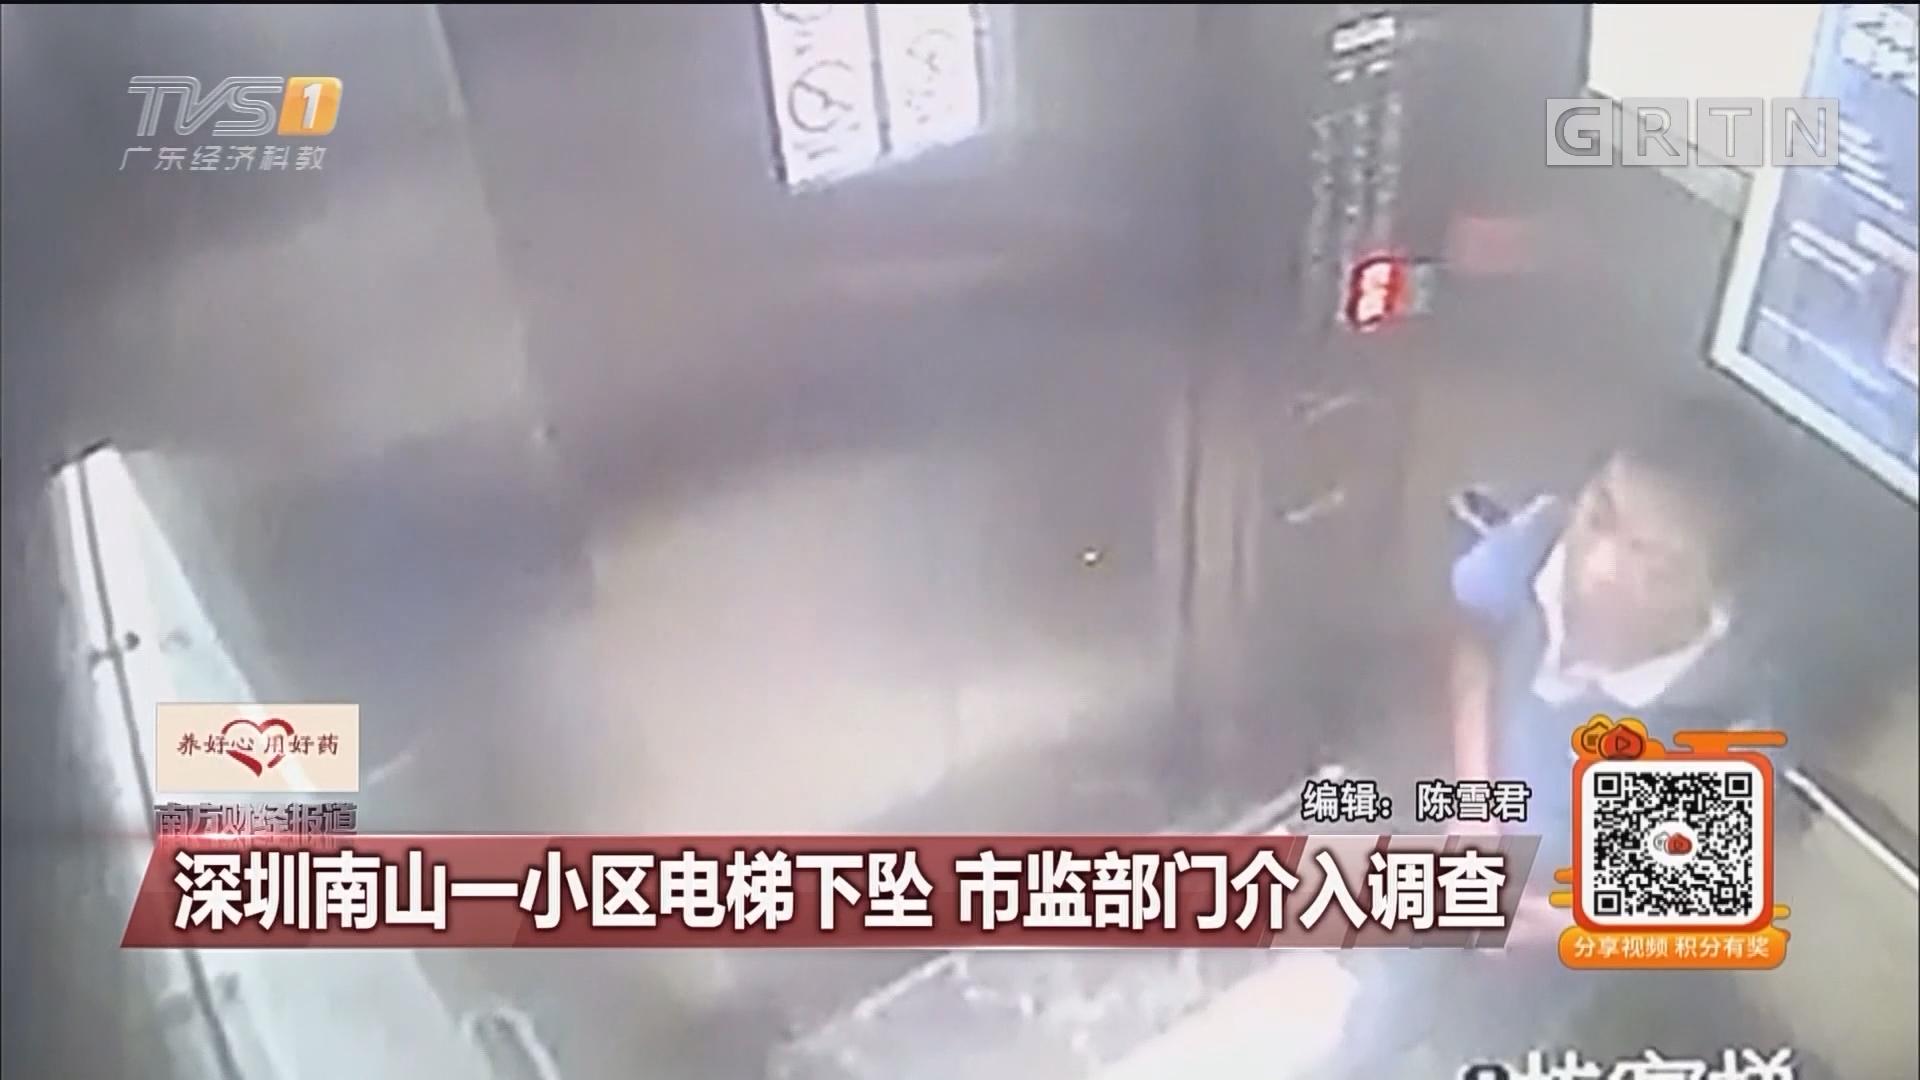 深圳南山一小区电梯下坠 市监部门介入调查